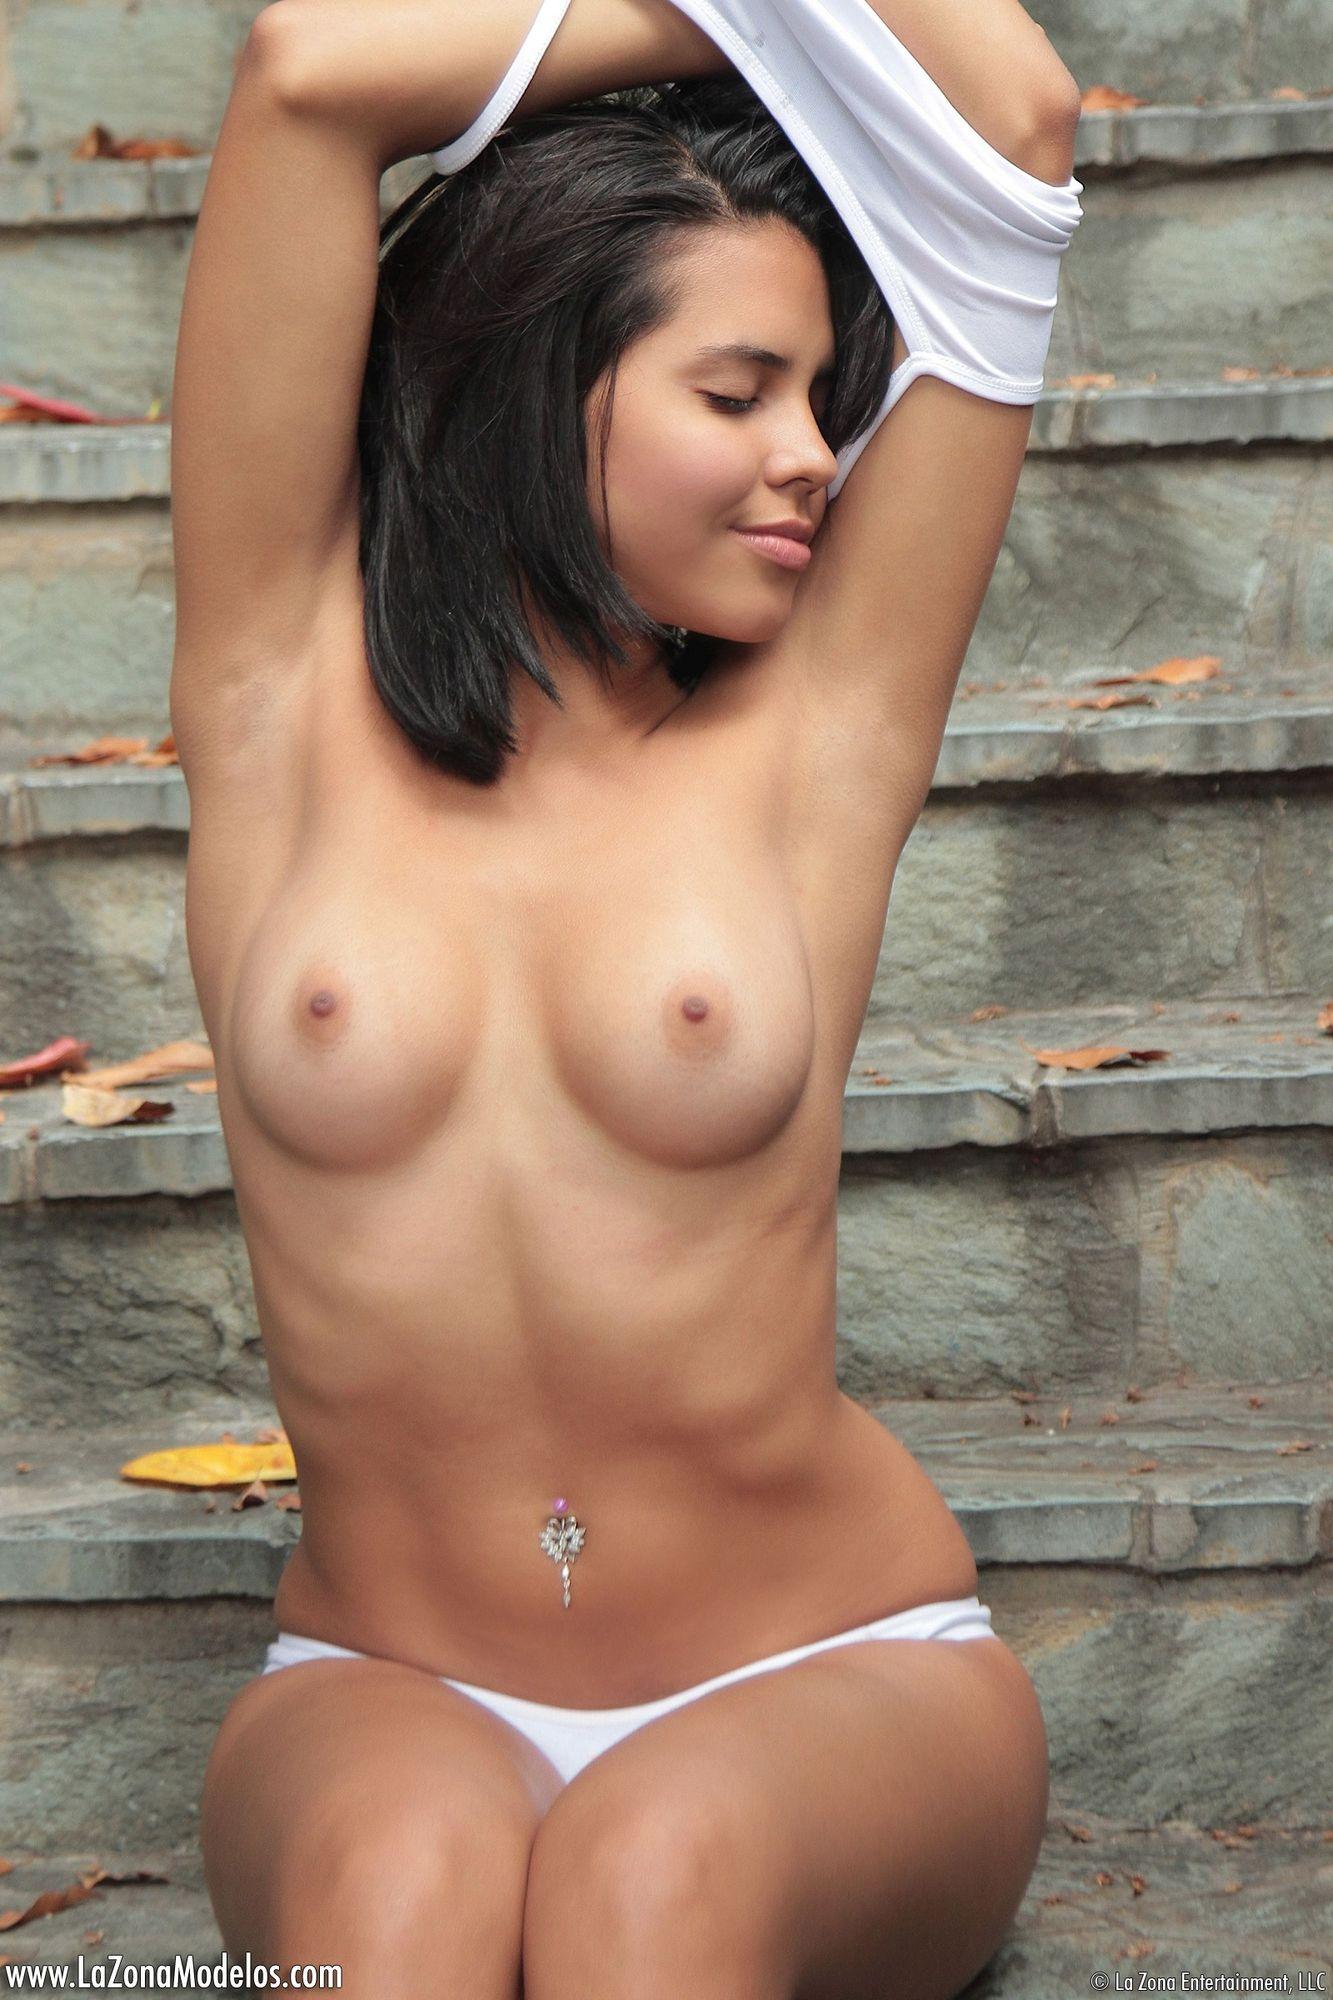 Jackie onassis nude pix